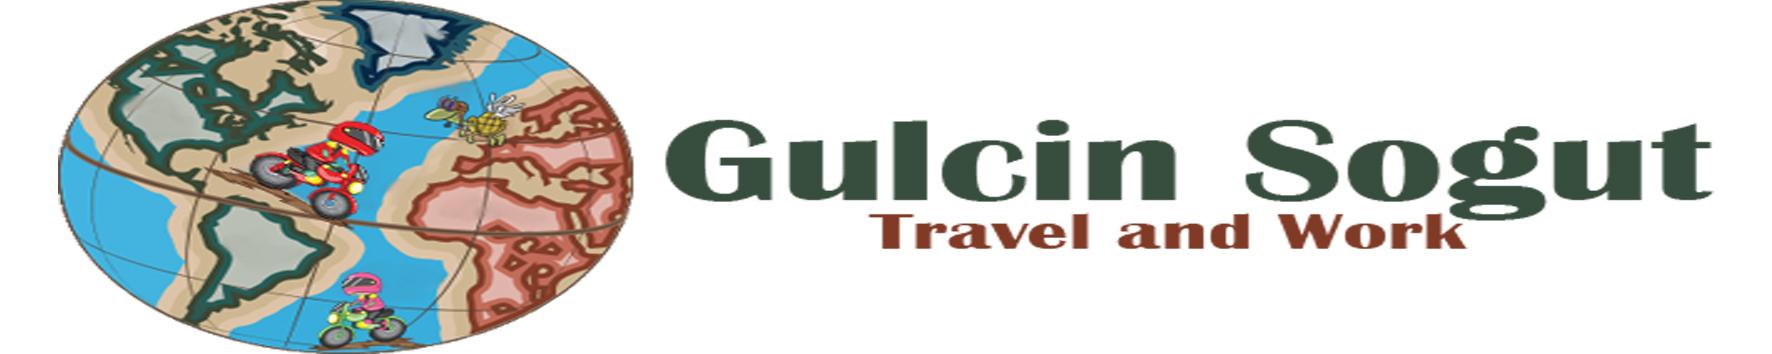 Gulcin Sogut